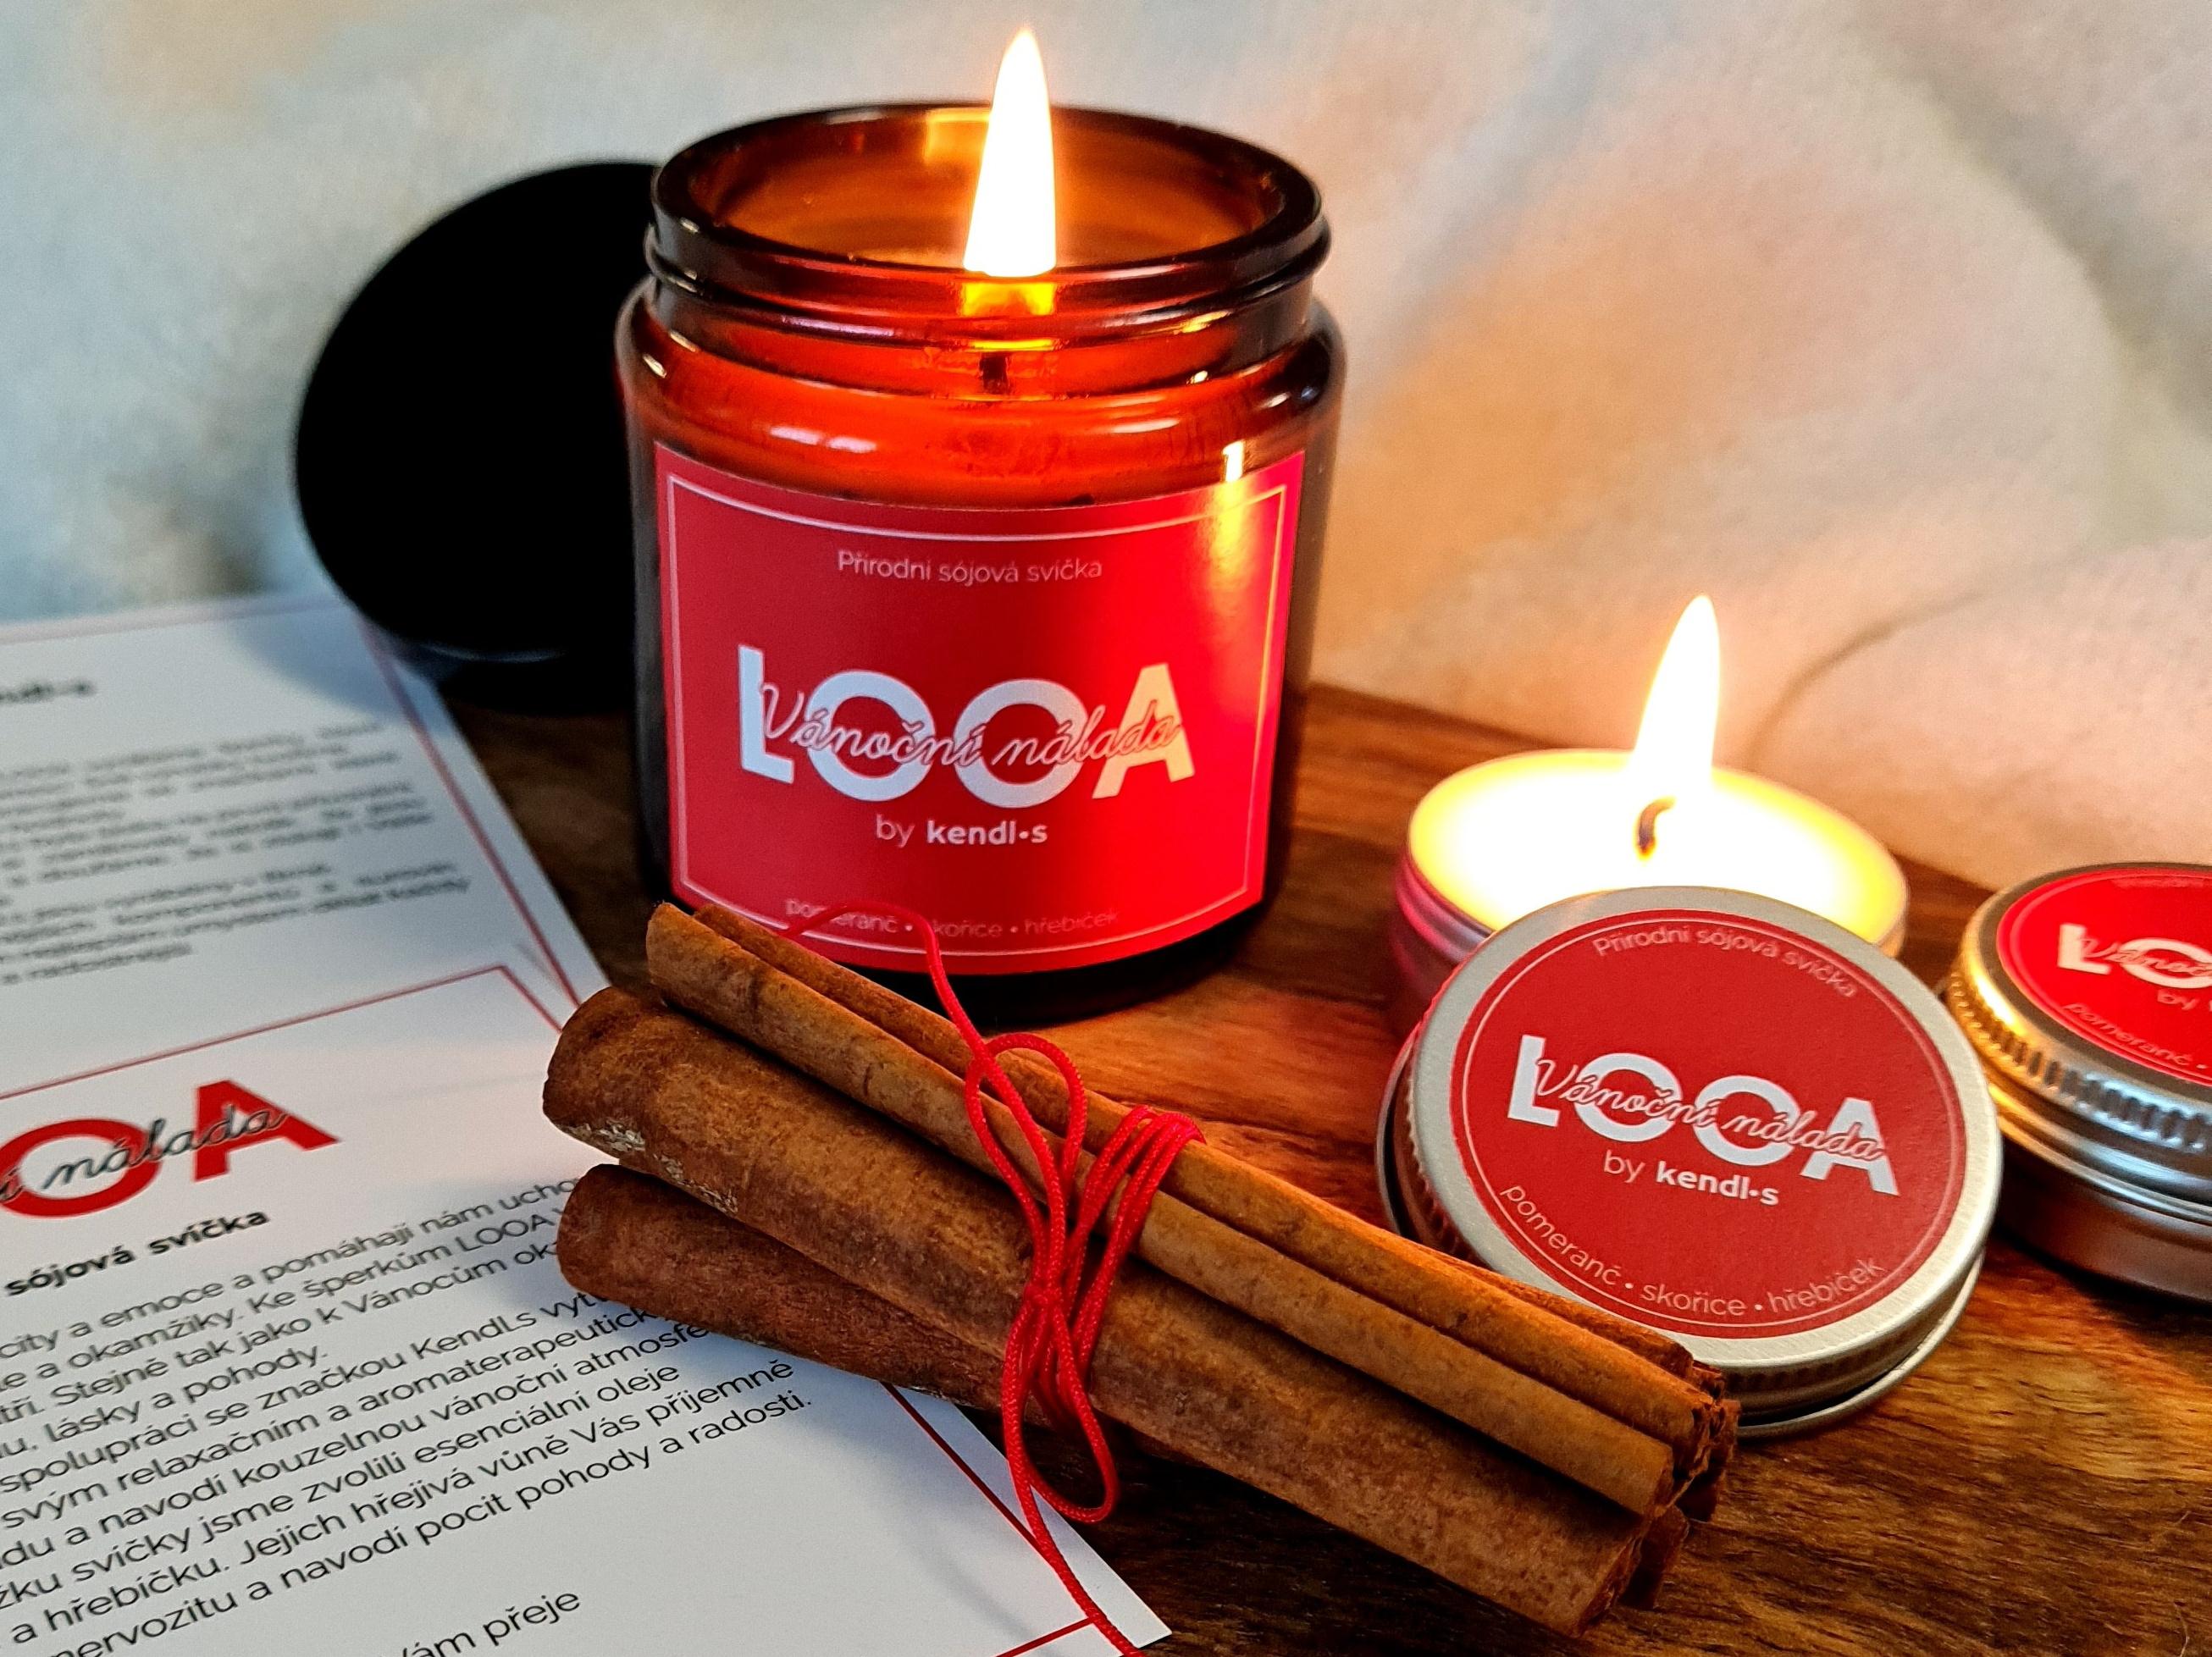 Vánoční LOOA svíčka: Takhle voní ty nejkrásnější Vánoce